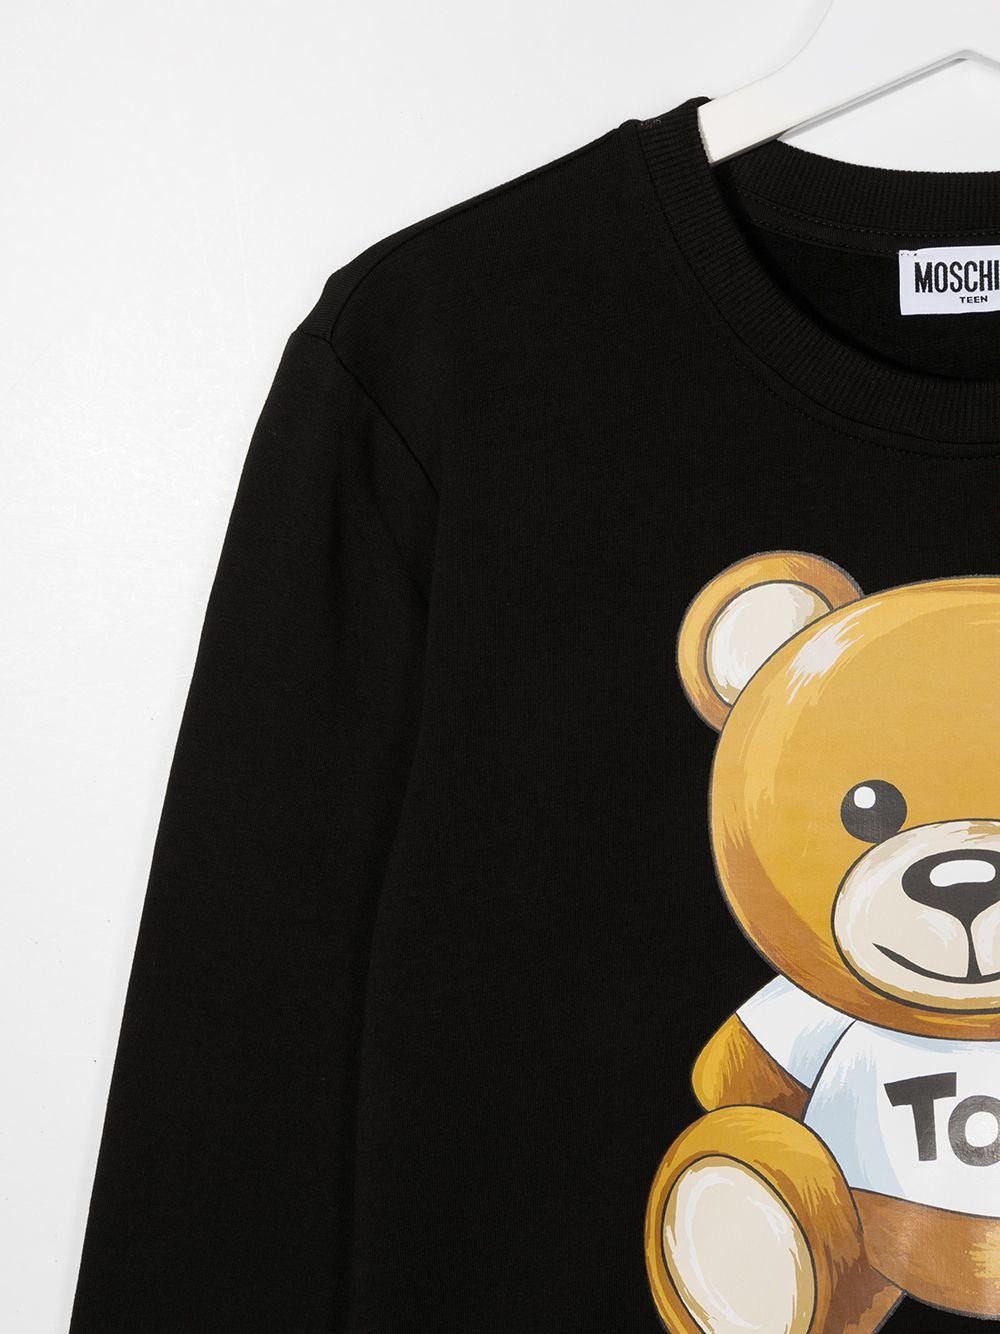 MOSCHINO KIDS | Sweatshirt | HDF02MLDA1660100T